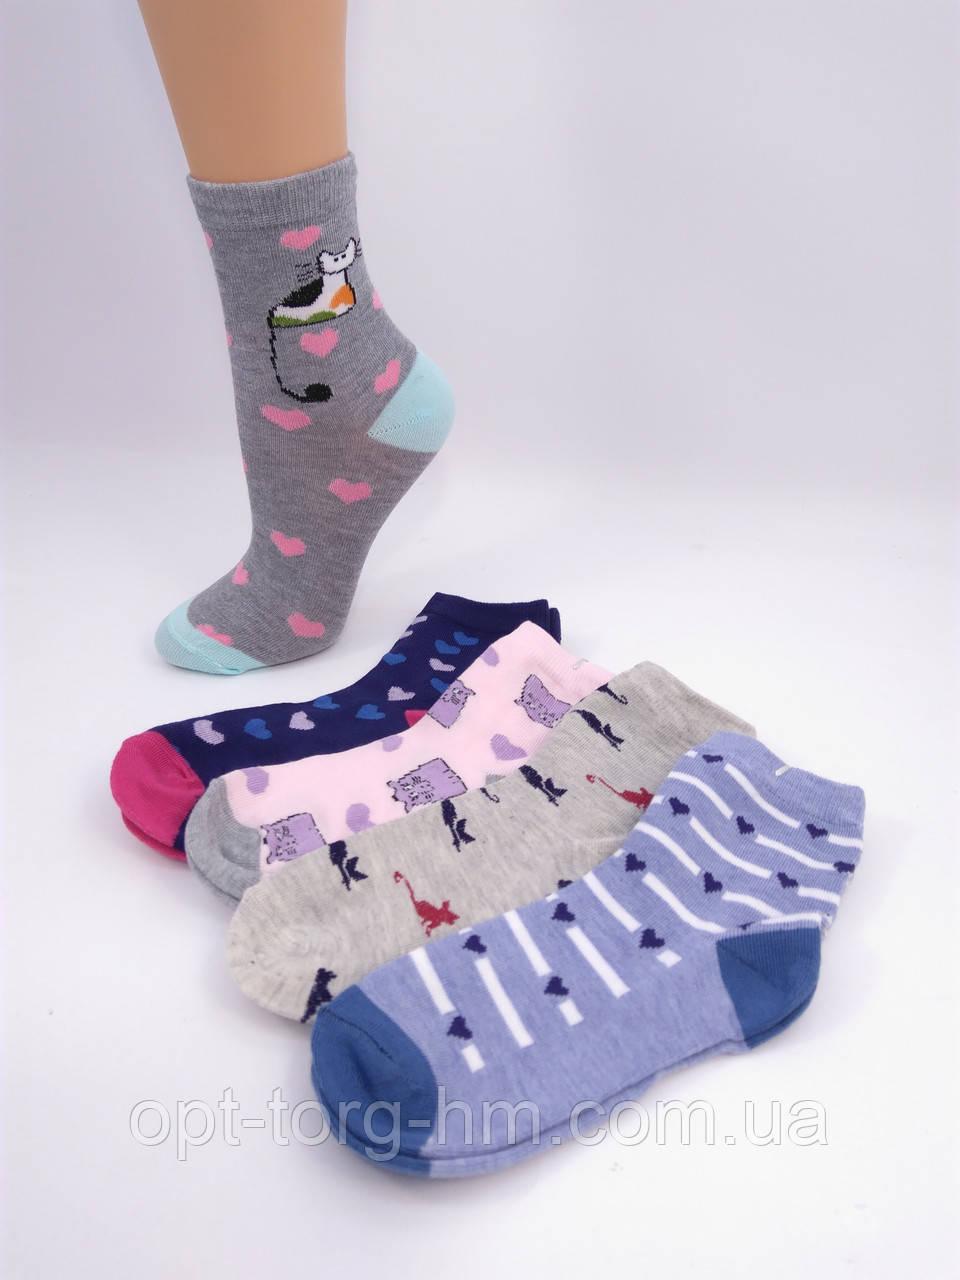 Xintao Подростковые носки 27-29 обувь